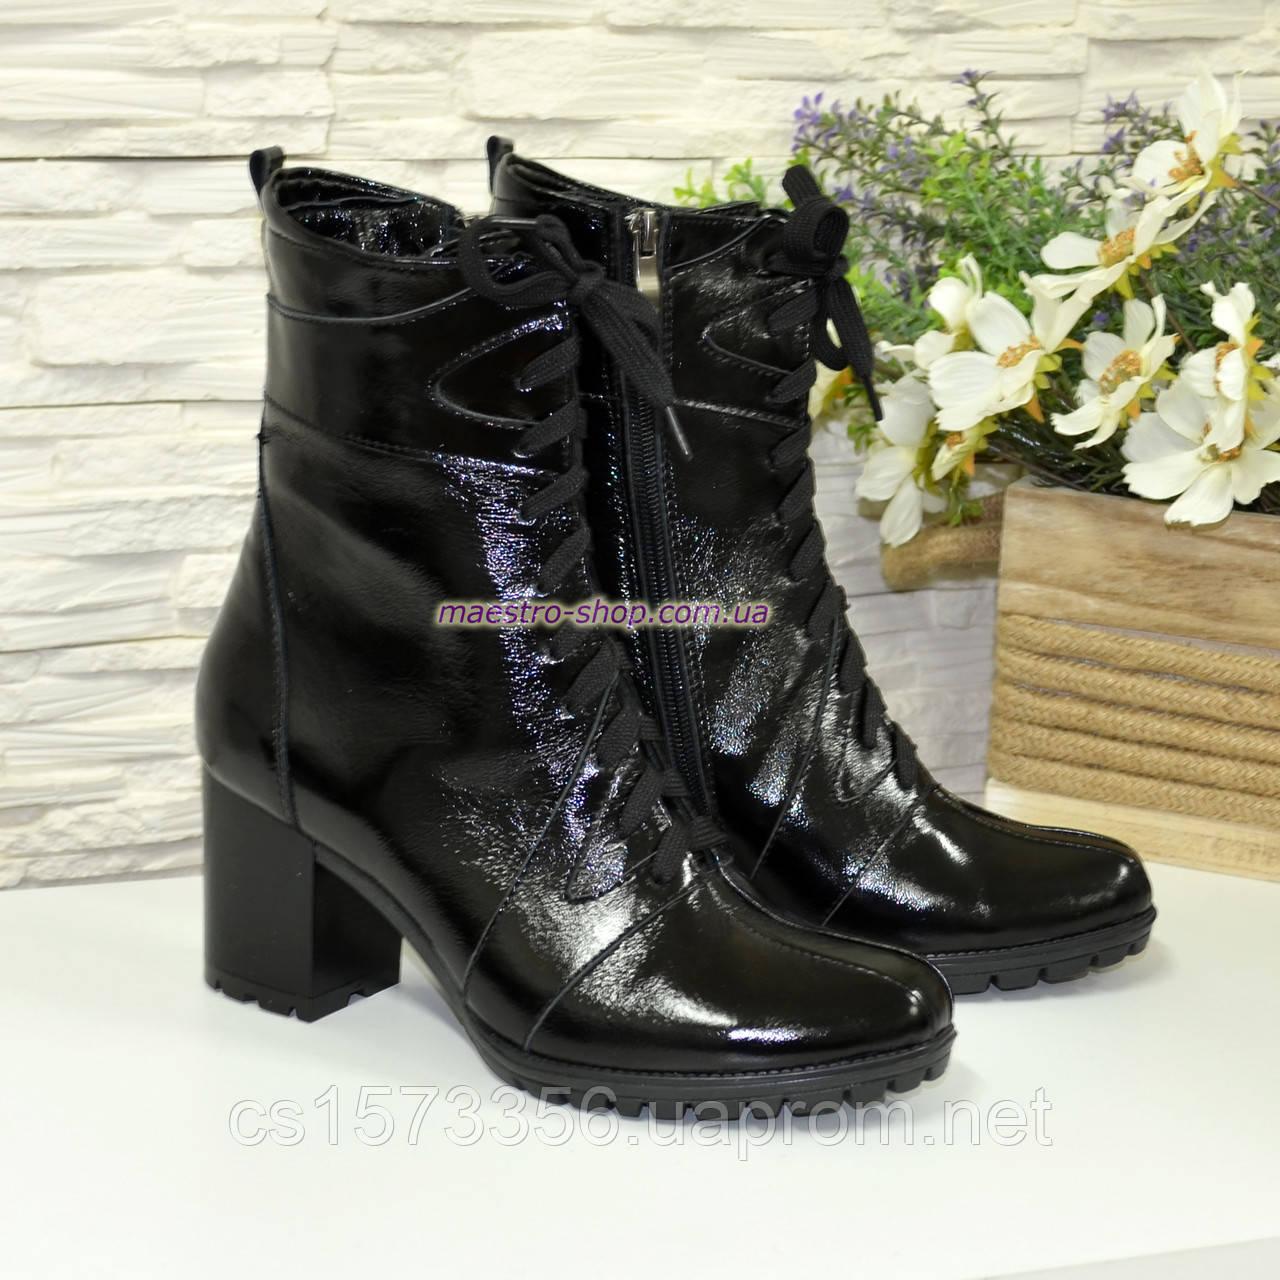 Ботинки кожаные зимние из натуральной лаковой кожи черного цвета на устойчивом каблуке